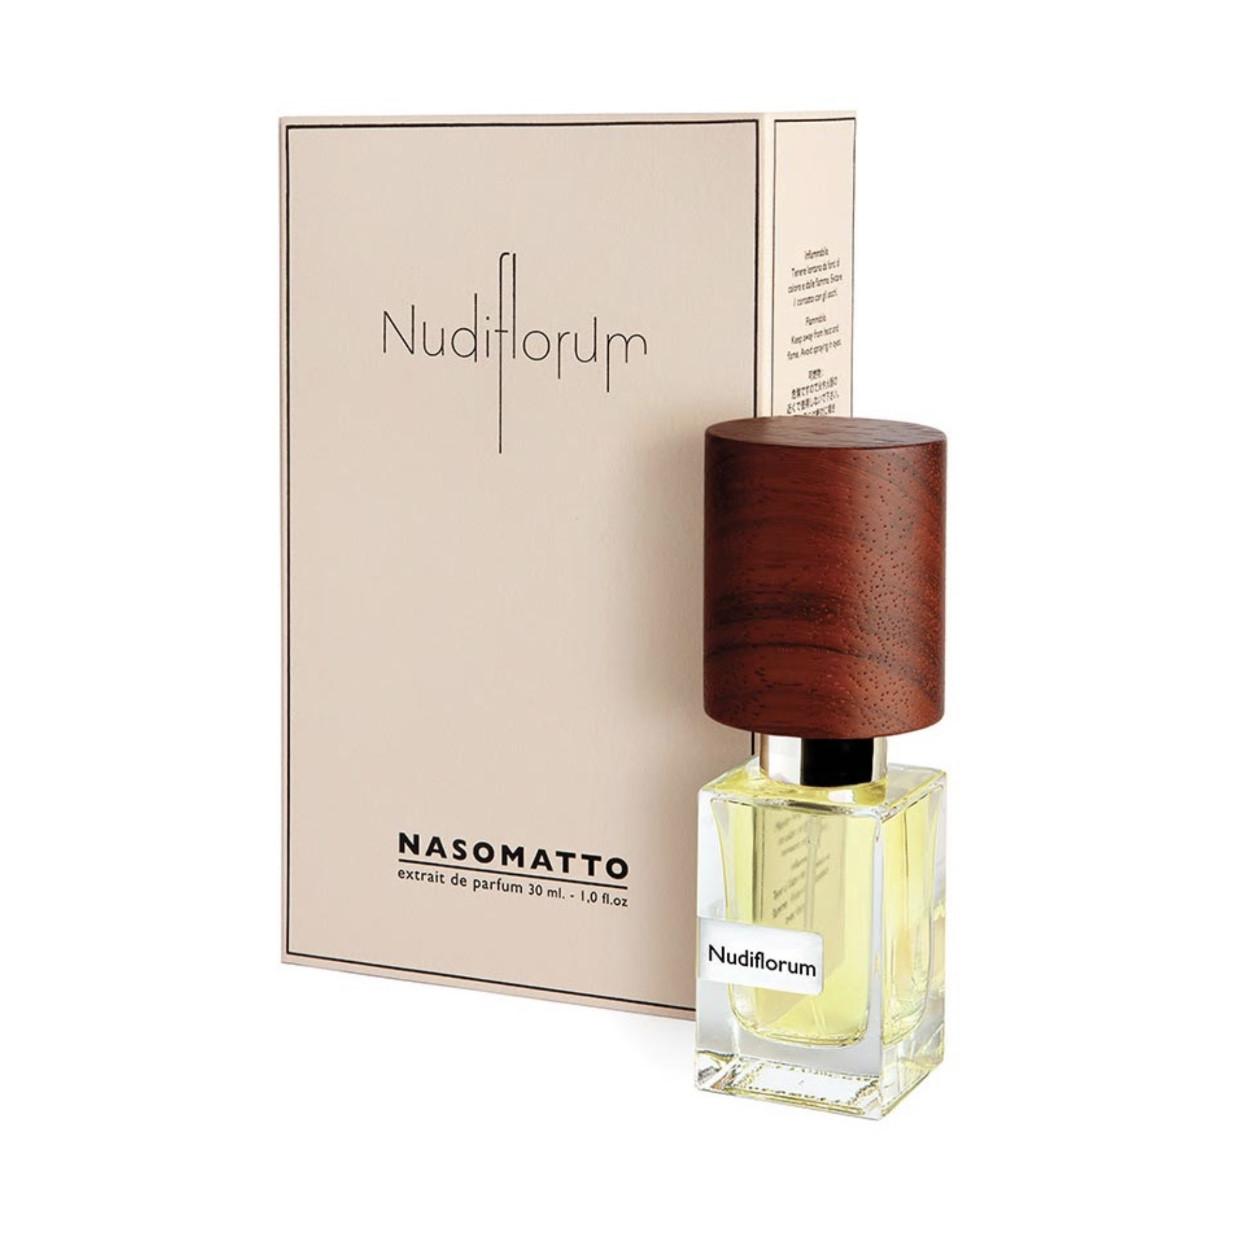 Нішеві парфуми унісекс NASOMATTO Nudiflorum парфумована вода 30ml, квітковий деревинно-мускусний аромат